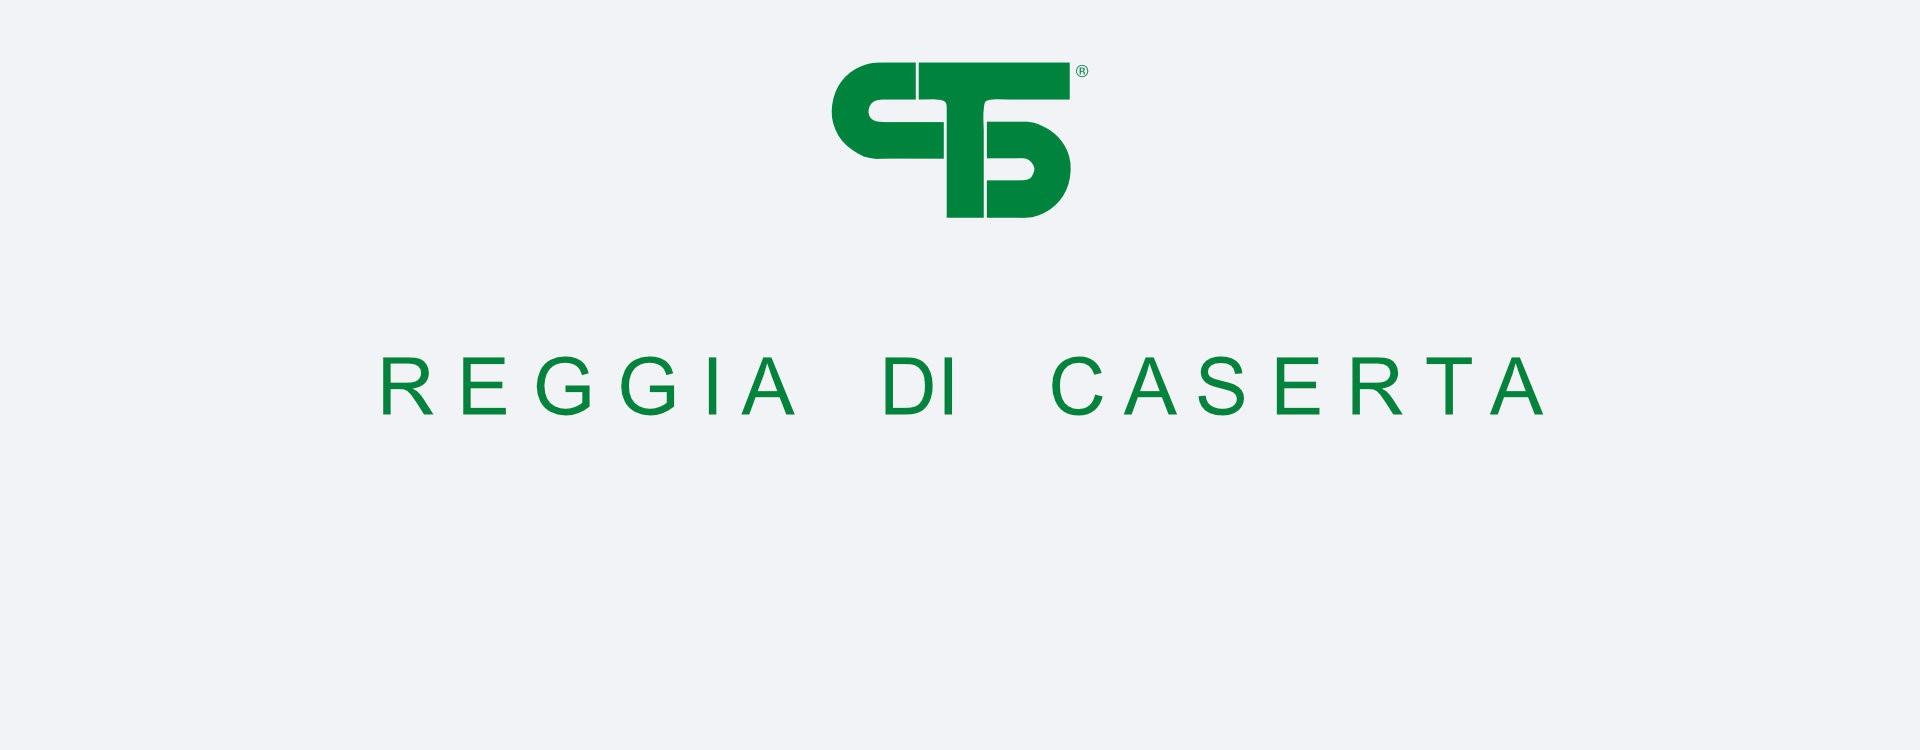 REGGIA DI CASERTA